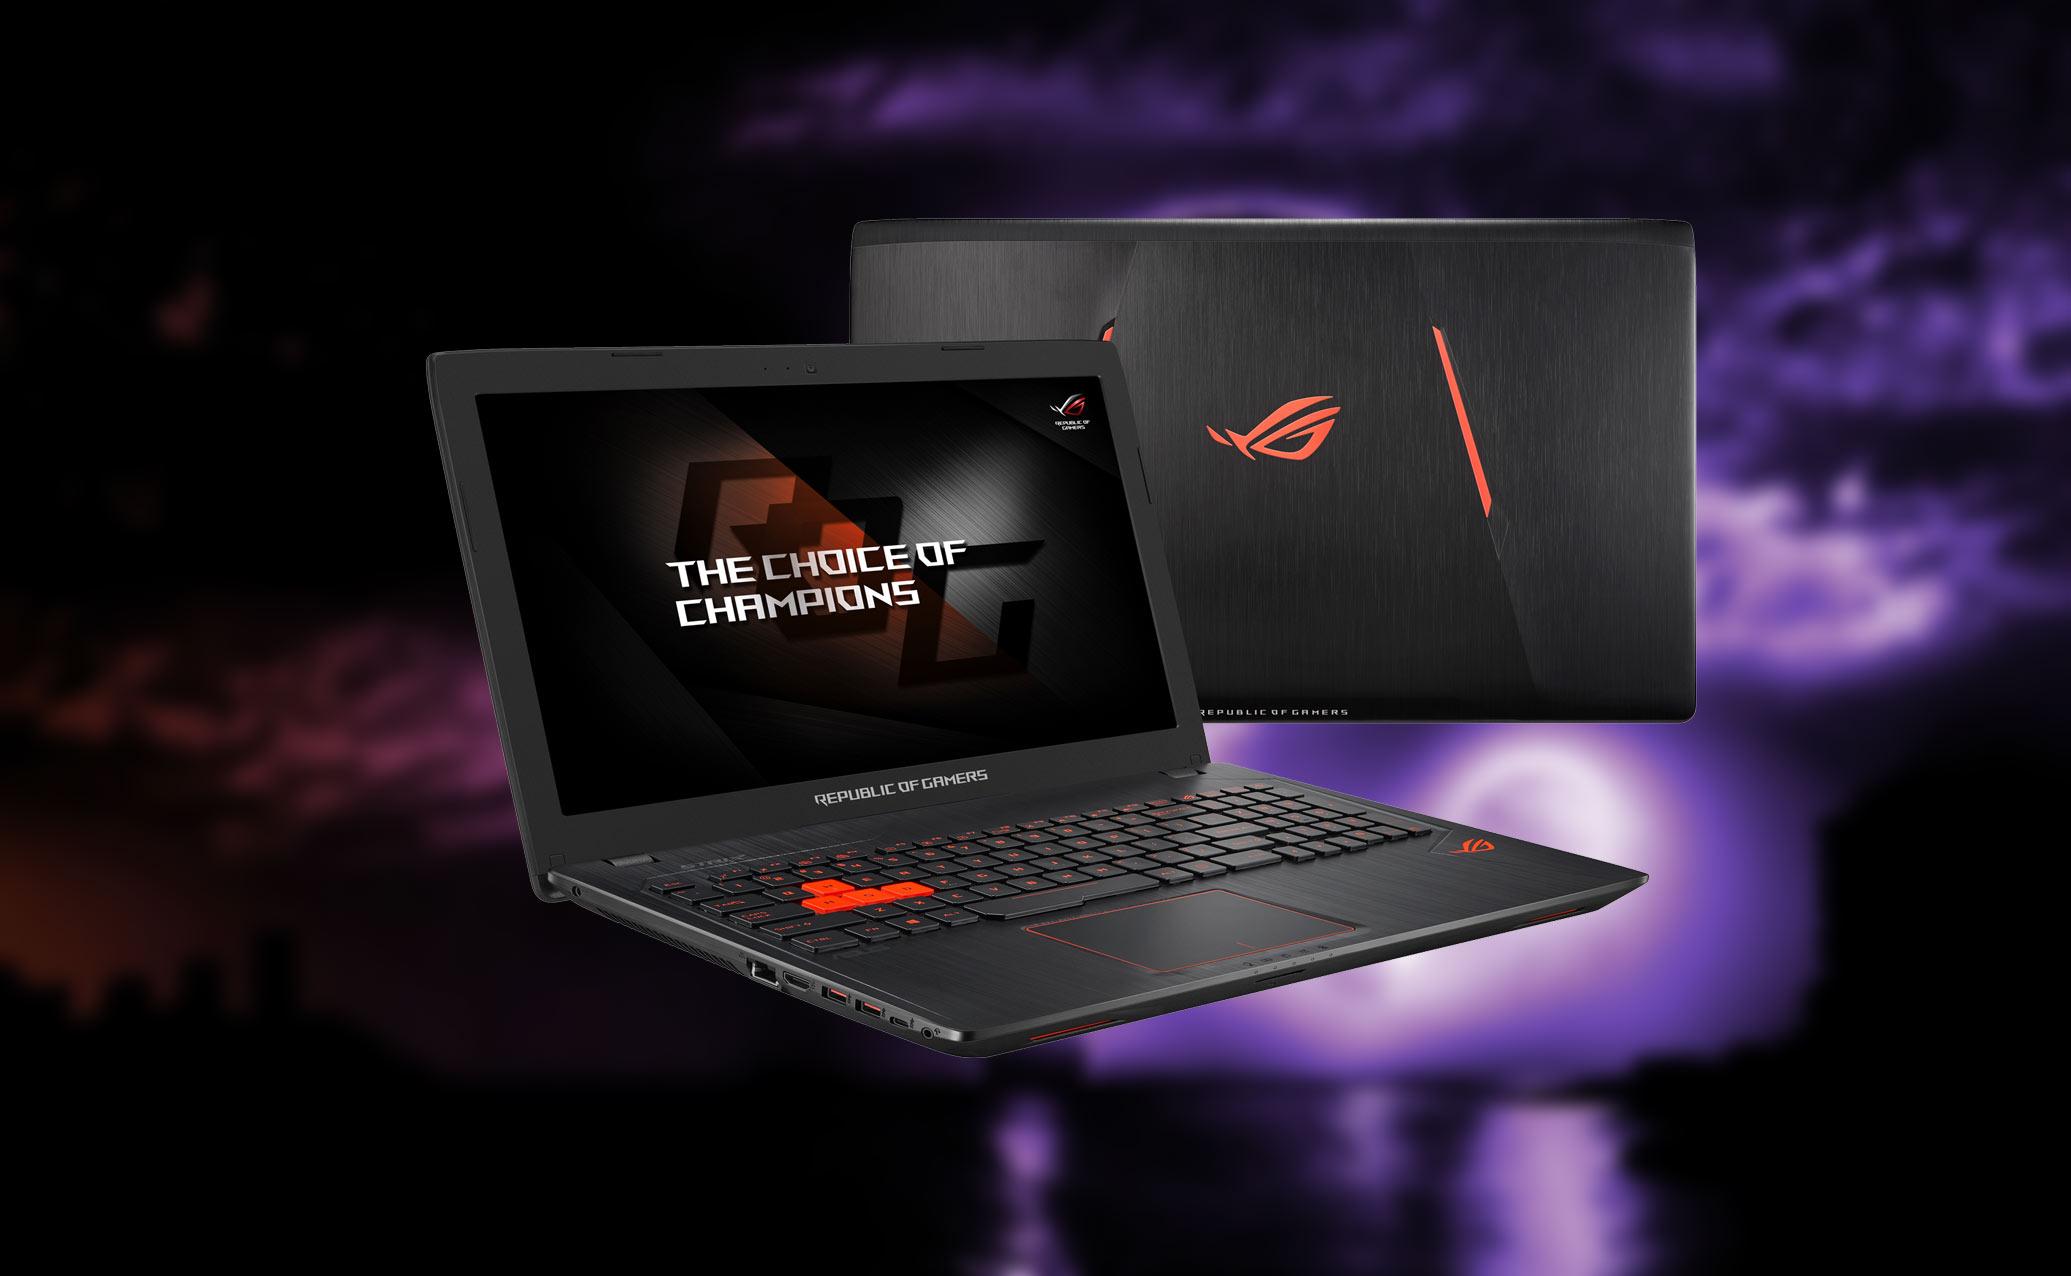 Asus Rog Strix Gl553 Gaming Laptop With Rgb Backlit Keyboard Ve Asuss Latest Set Of